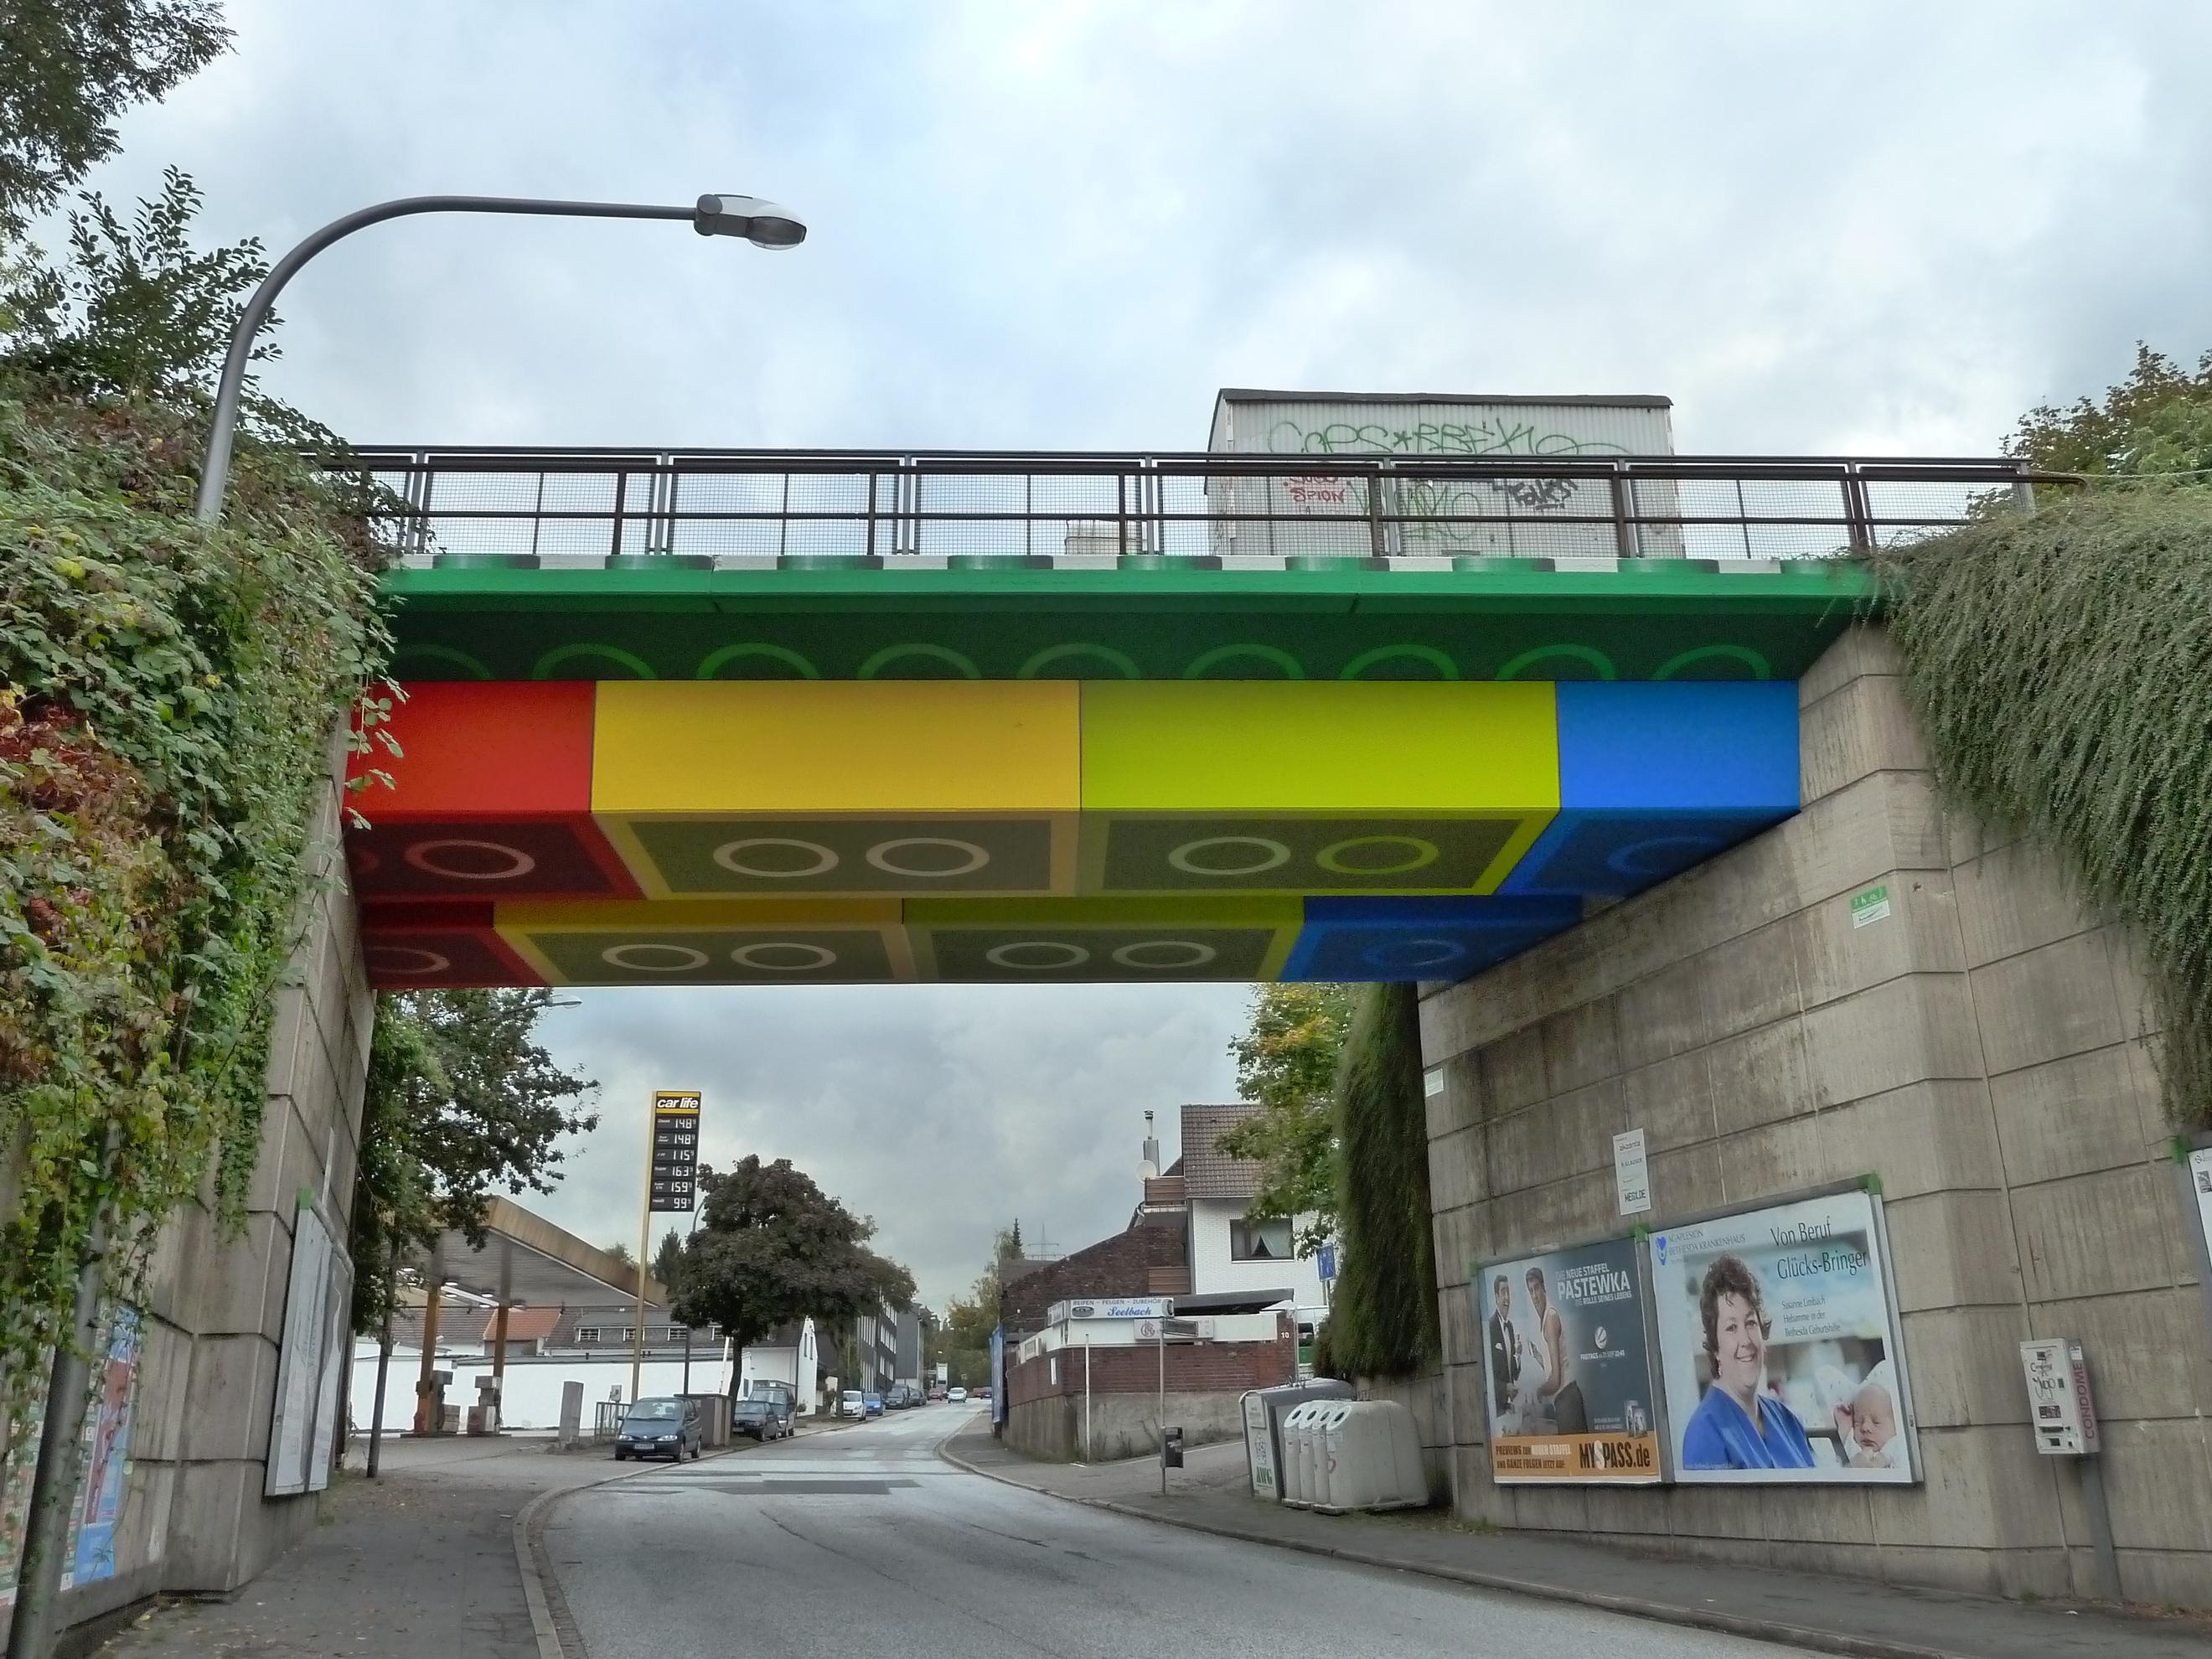 Legobrug in Wuppertal, zo hoeven de bruggen er nu ook weer niet uit te zien. Foto: Morty